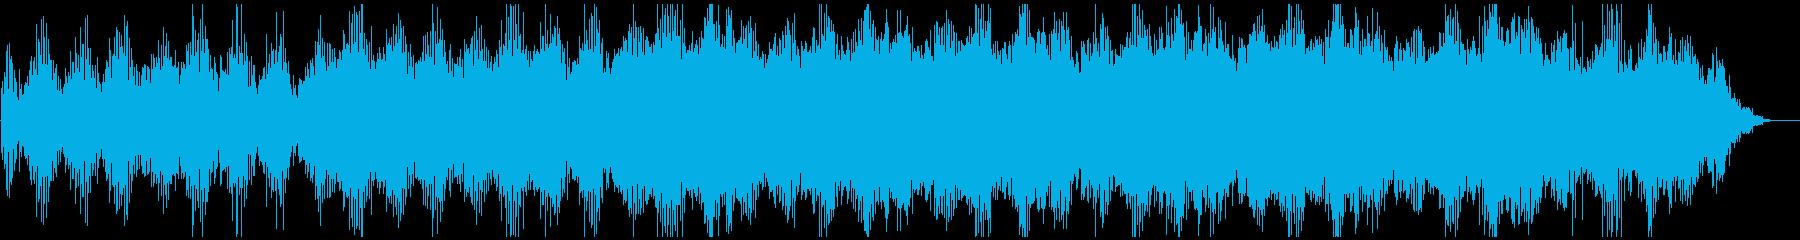 リラクゼーションゆったり癒しの空間ピアノの再生済みの波形